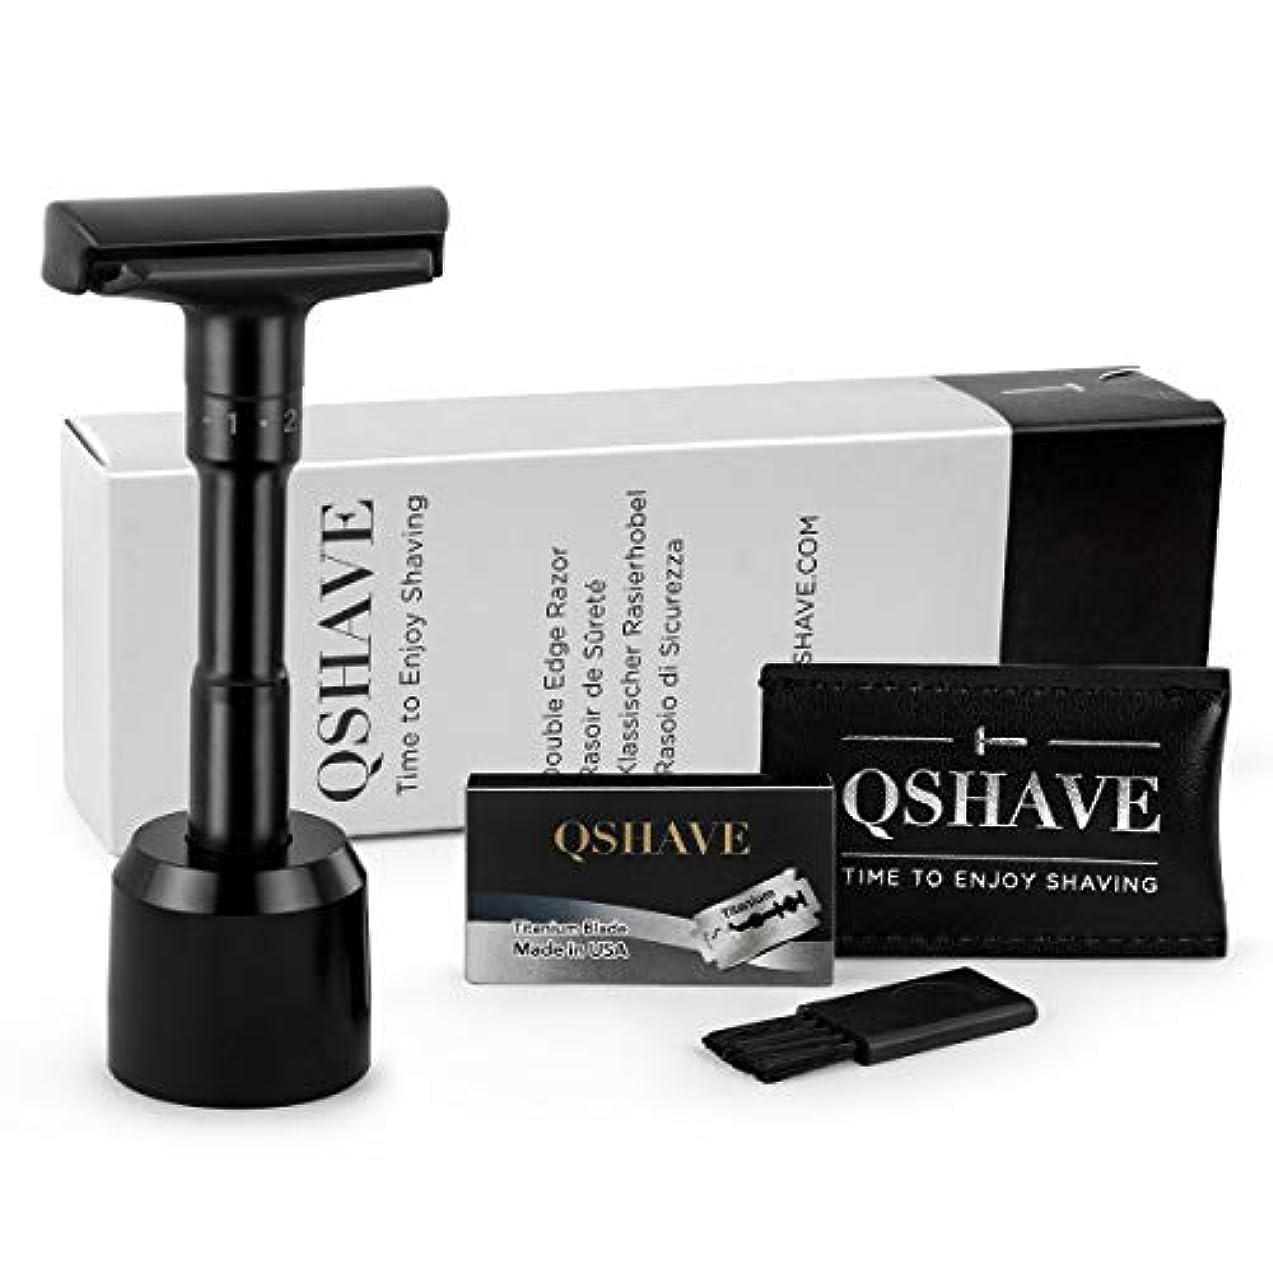 おしゃれな不道徳め言葉QSHAVE アジャスタブル両刃剃刀安全カミソリデラックスセット(スタンド付きカミソリ)